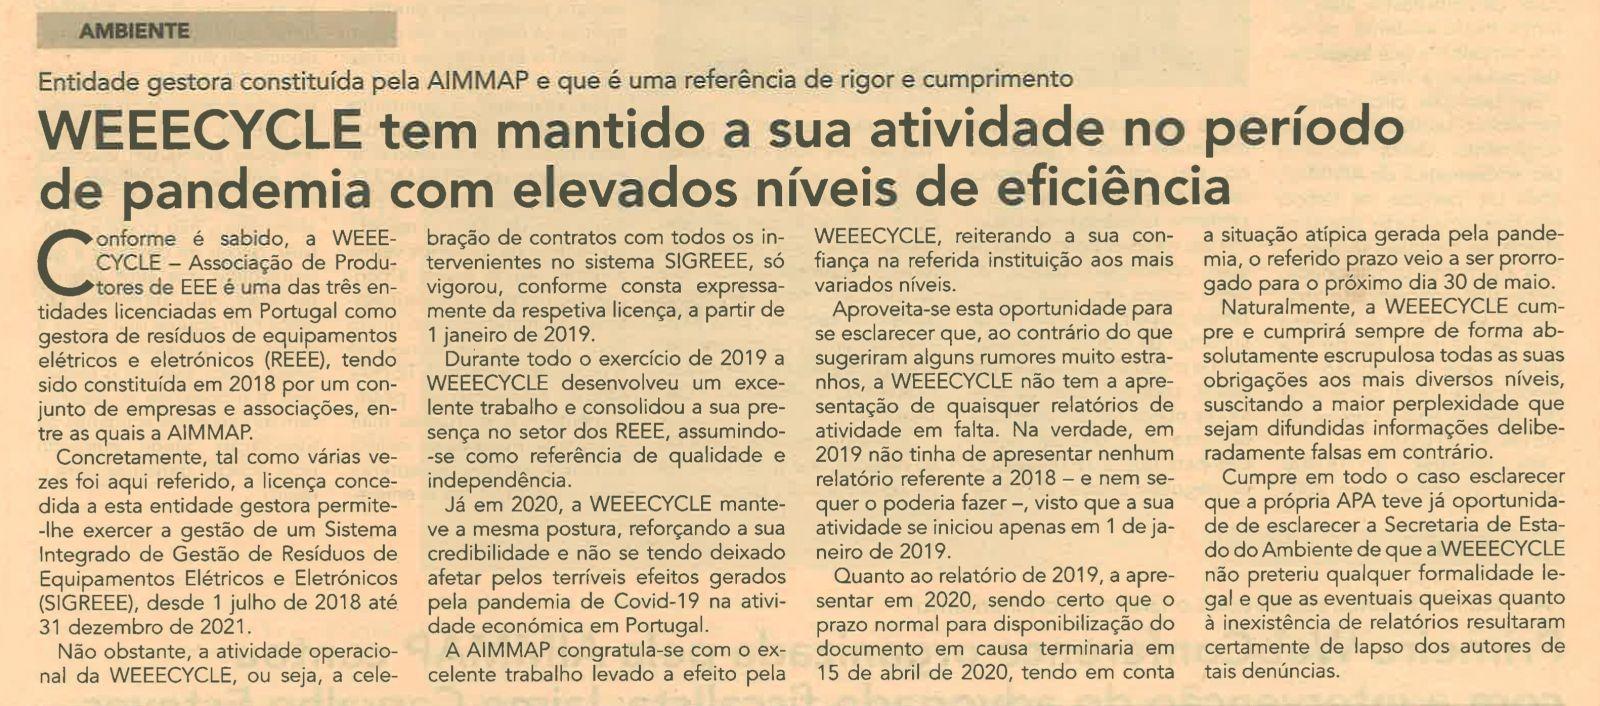 Notícia do jornal Vida Económica – atividade da WEEECYCLE em período de pandemia